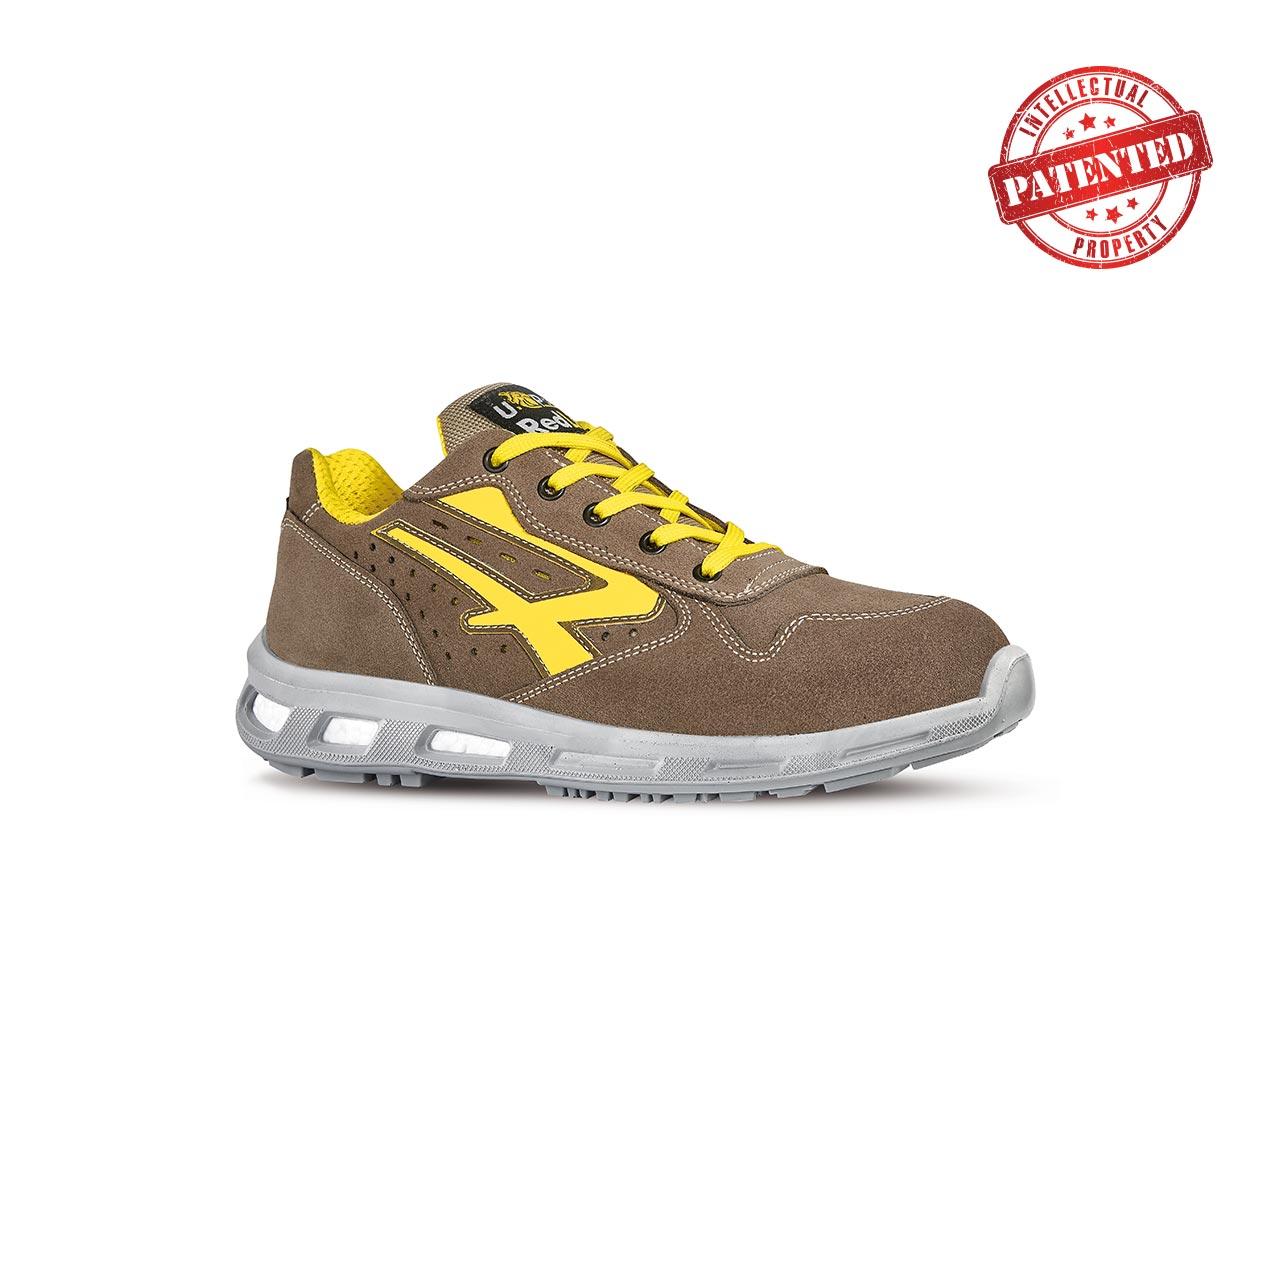 scarpa antinfortunistica upower modello adventure linea redlion vista laterale